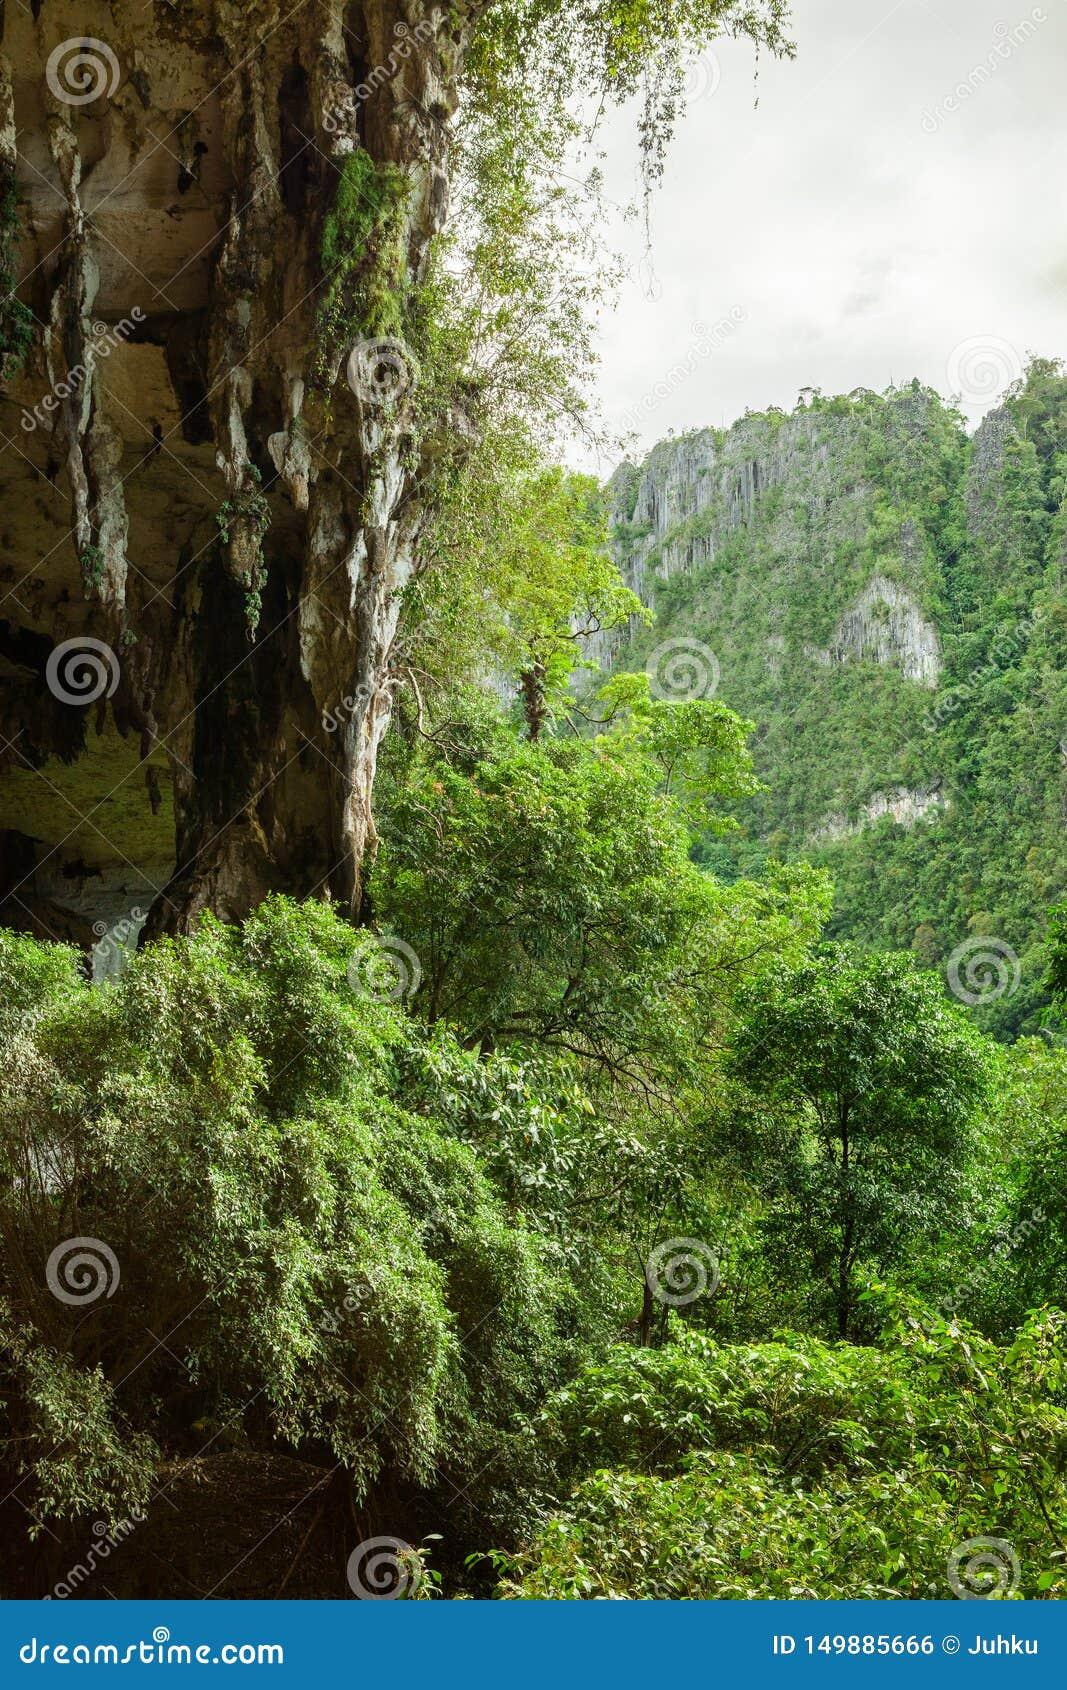 Туристы обнаружили в лесу невидимую пещеру | 1689x1067